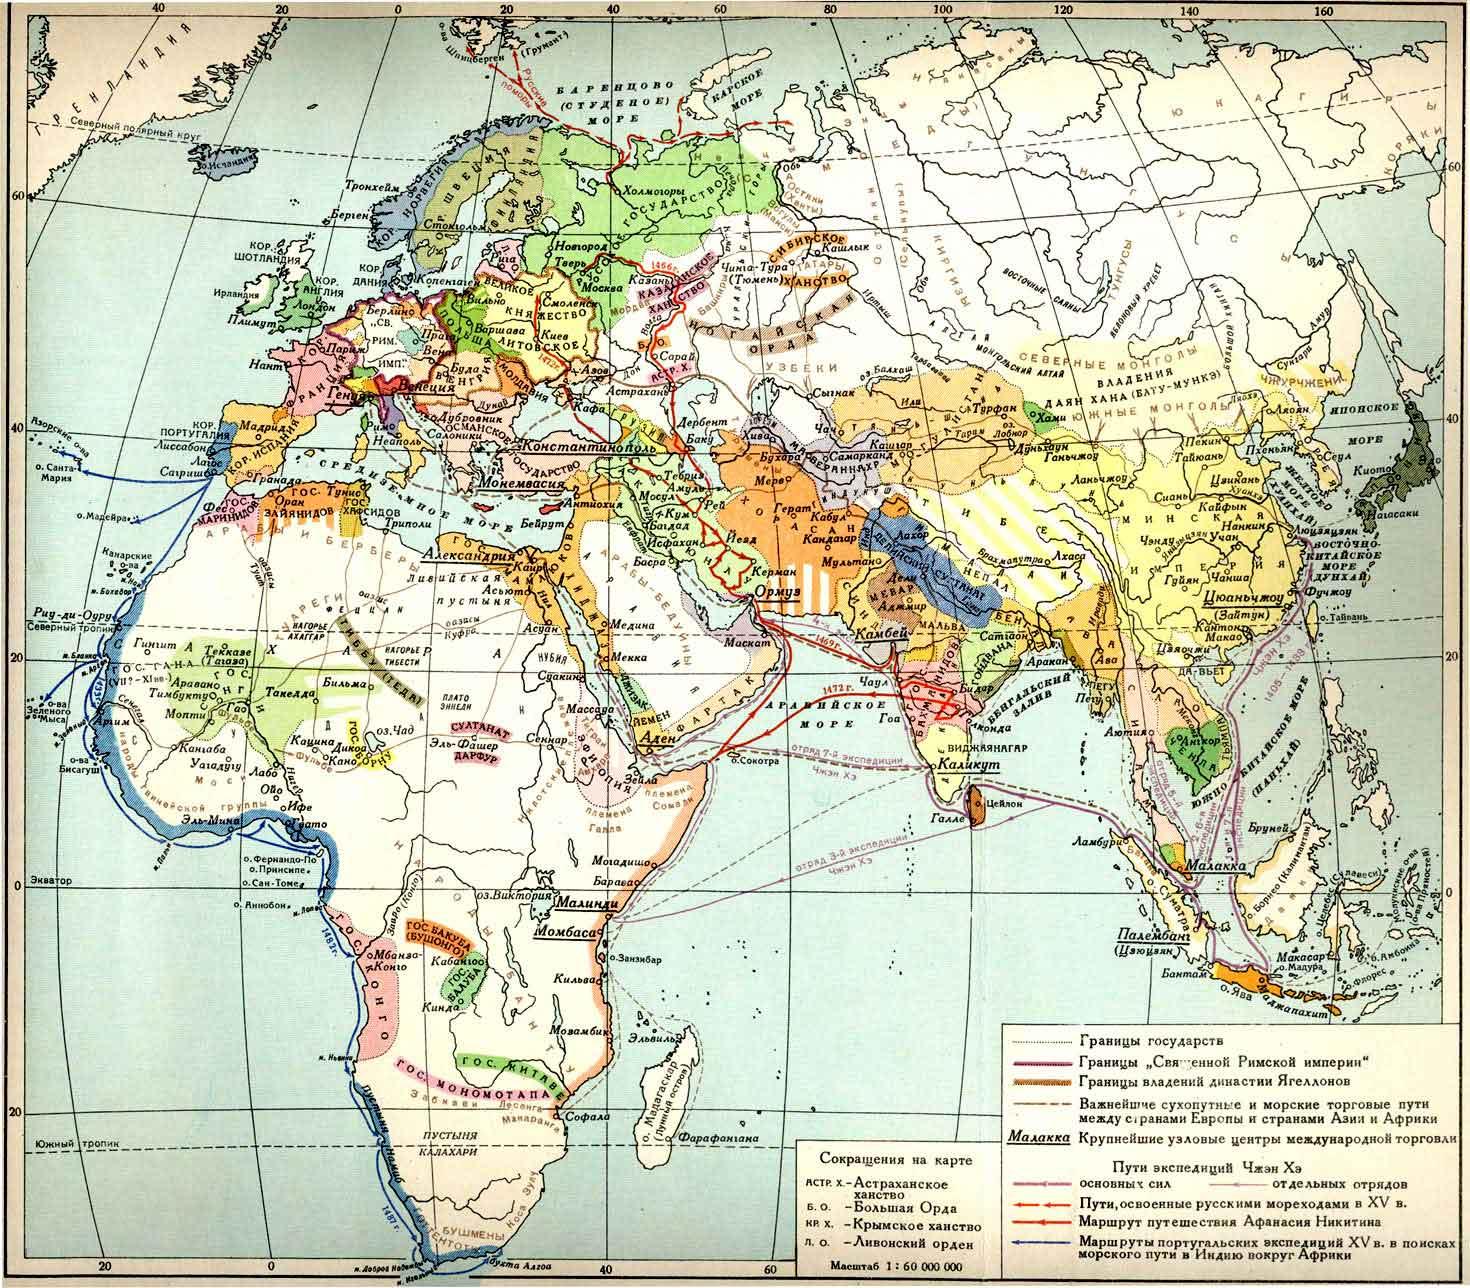 Великие географические открытия и освоение новых земель